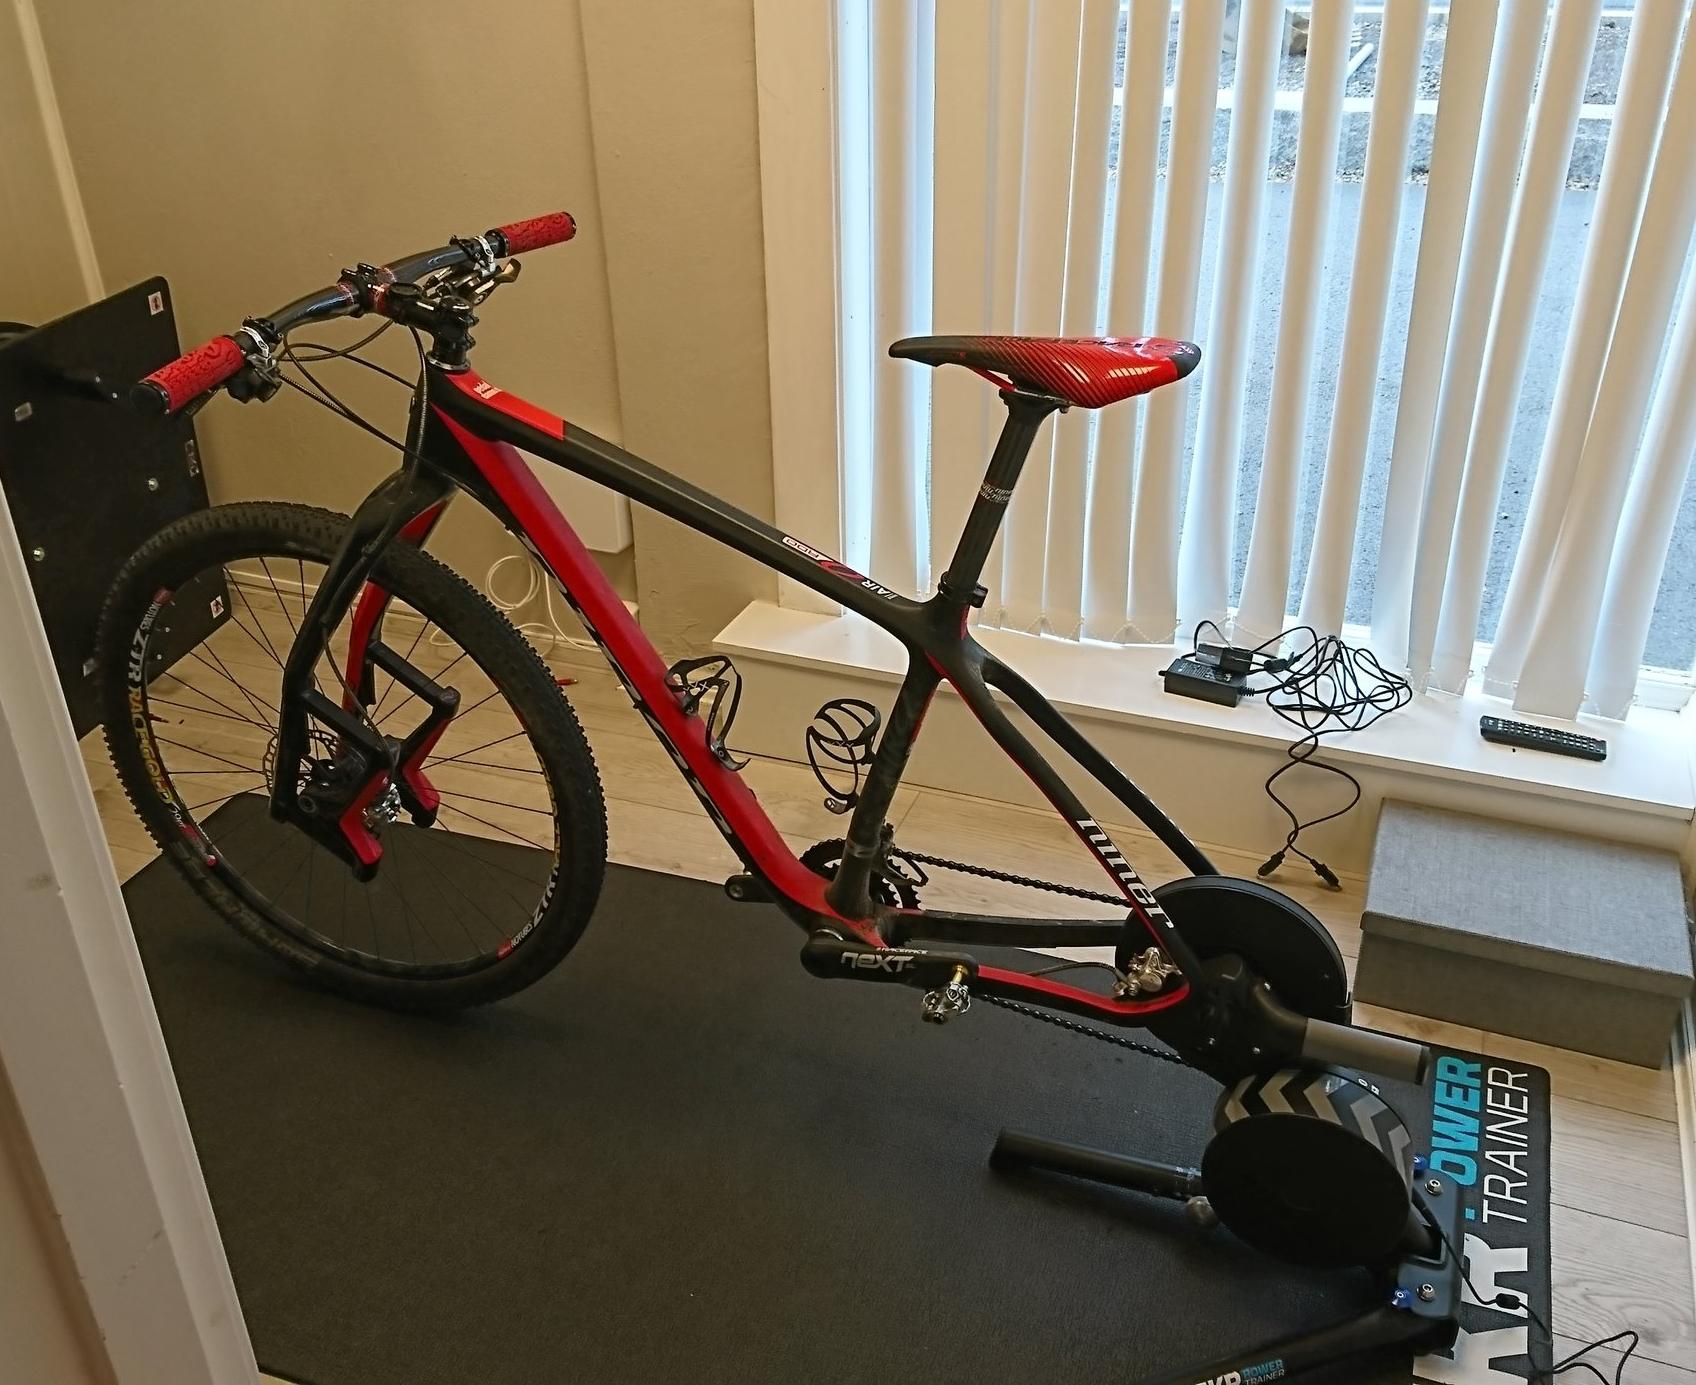 Eget rom tilrettelagt og ferdig rigget til watt test og egentrening på sykkel.